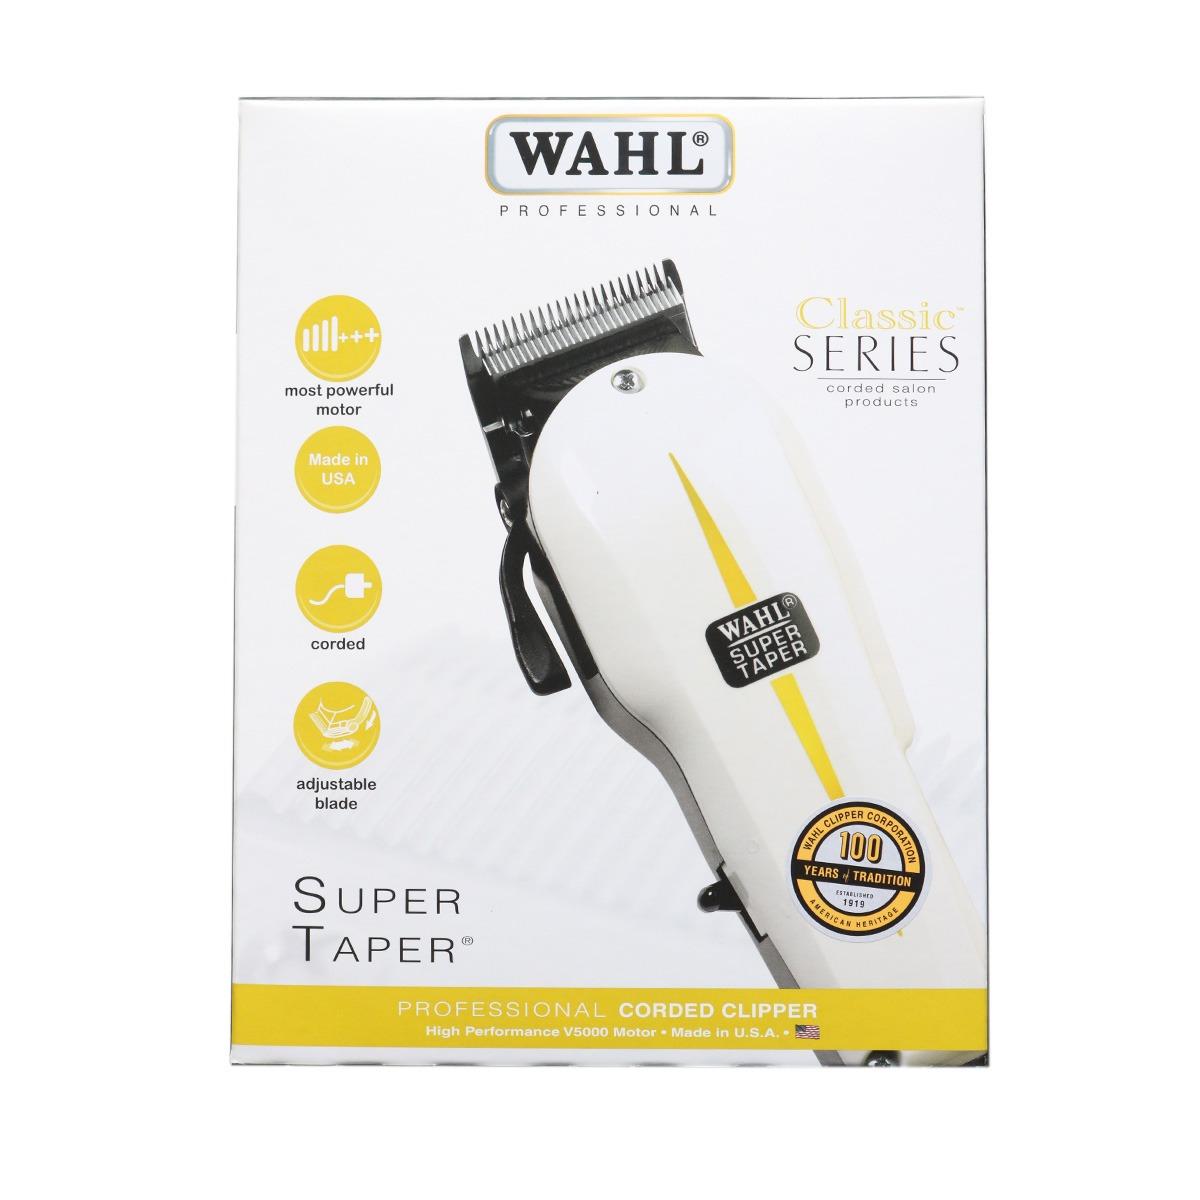 wahl-super-taper